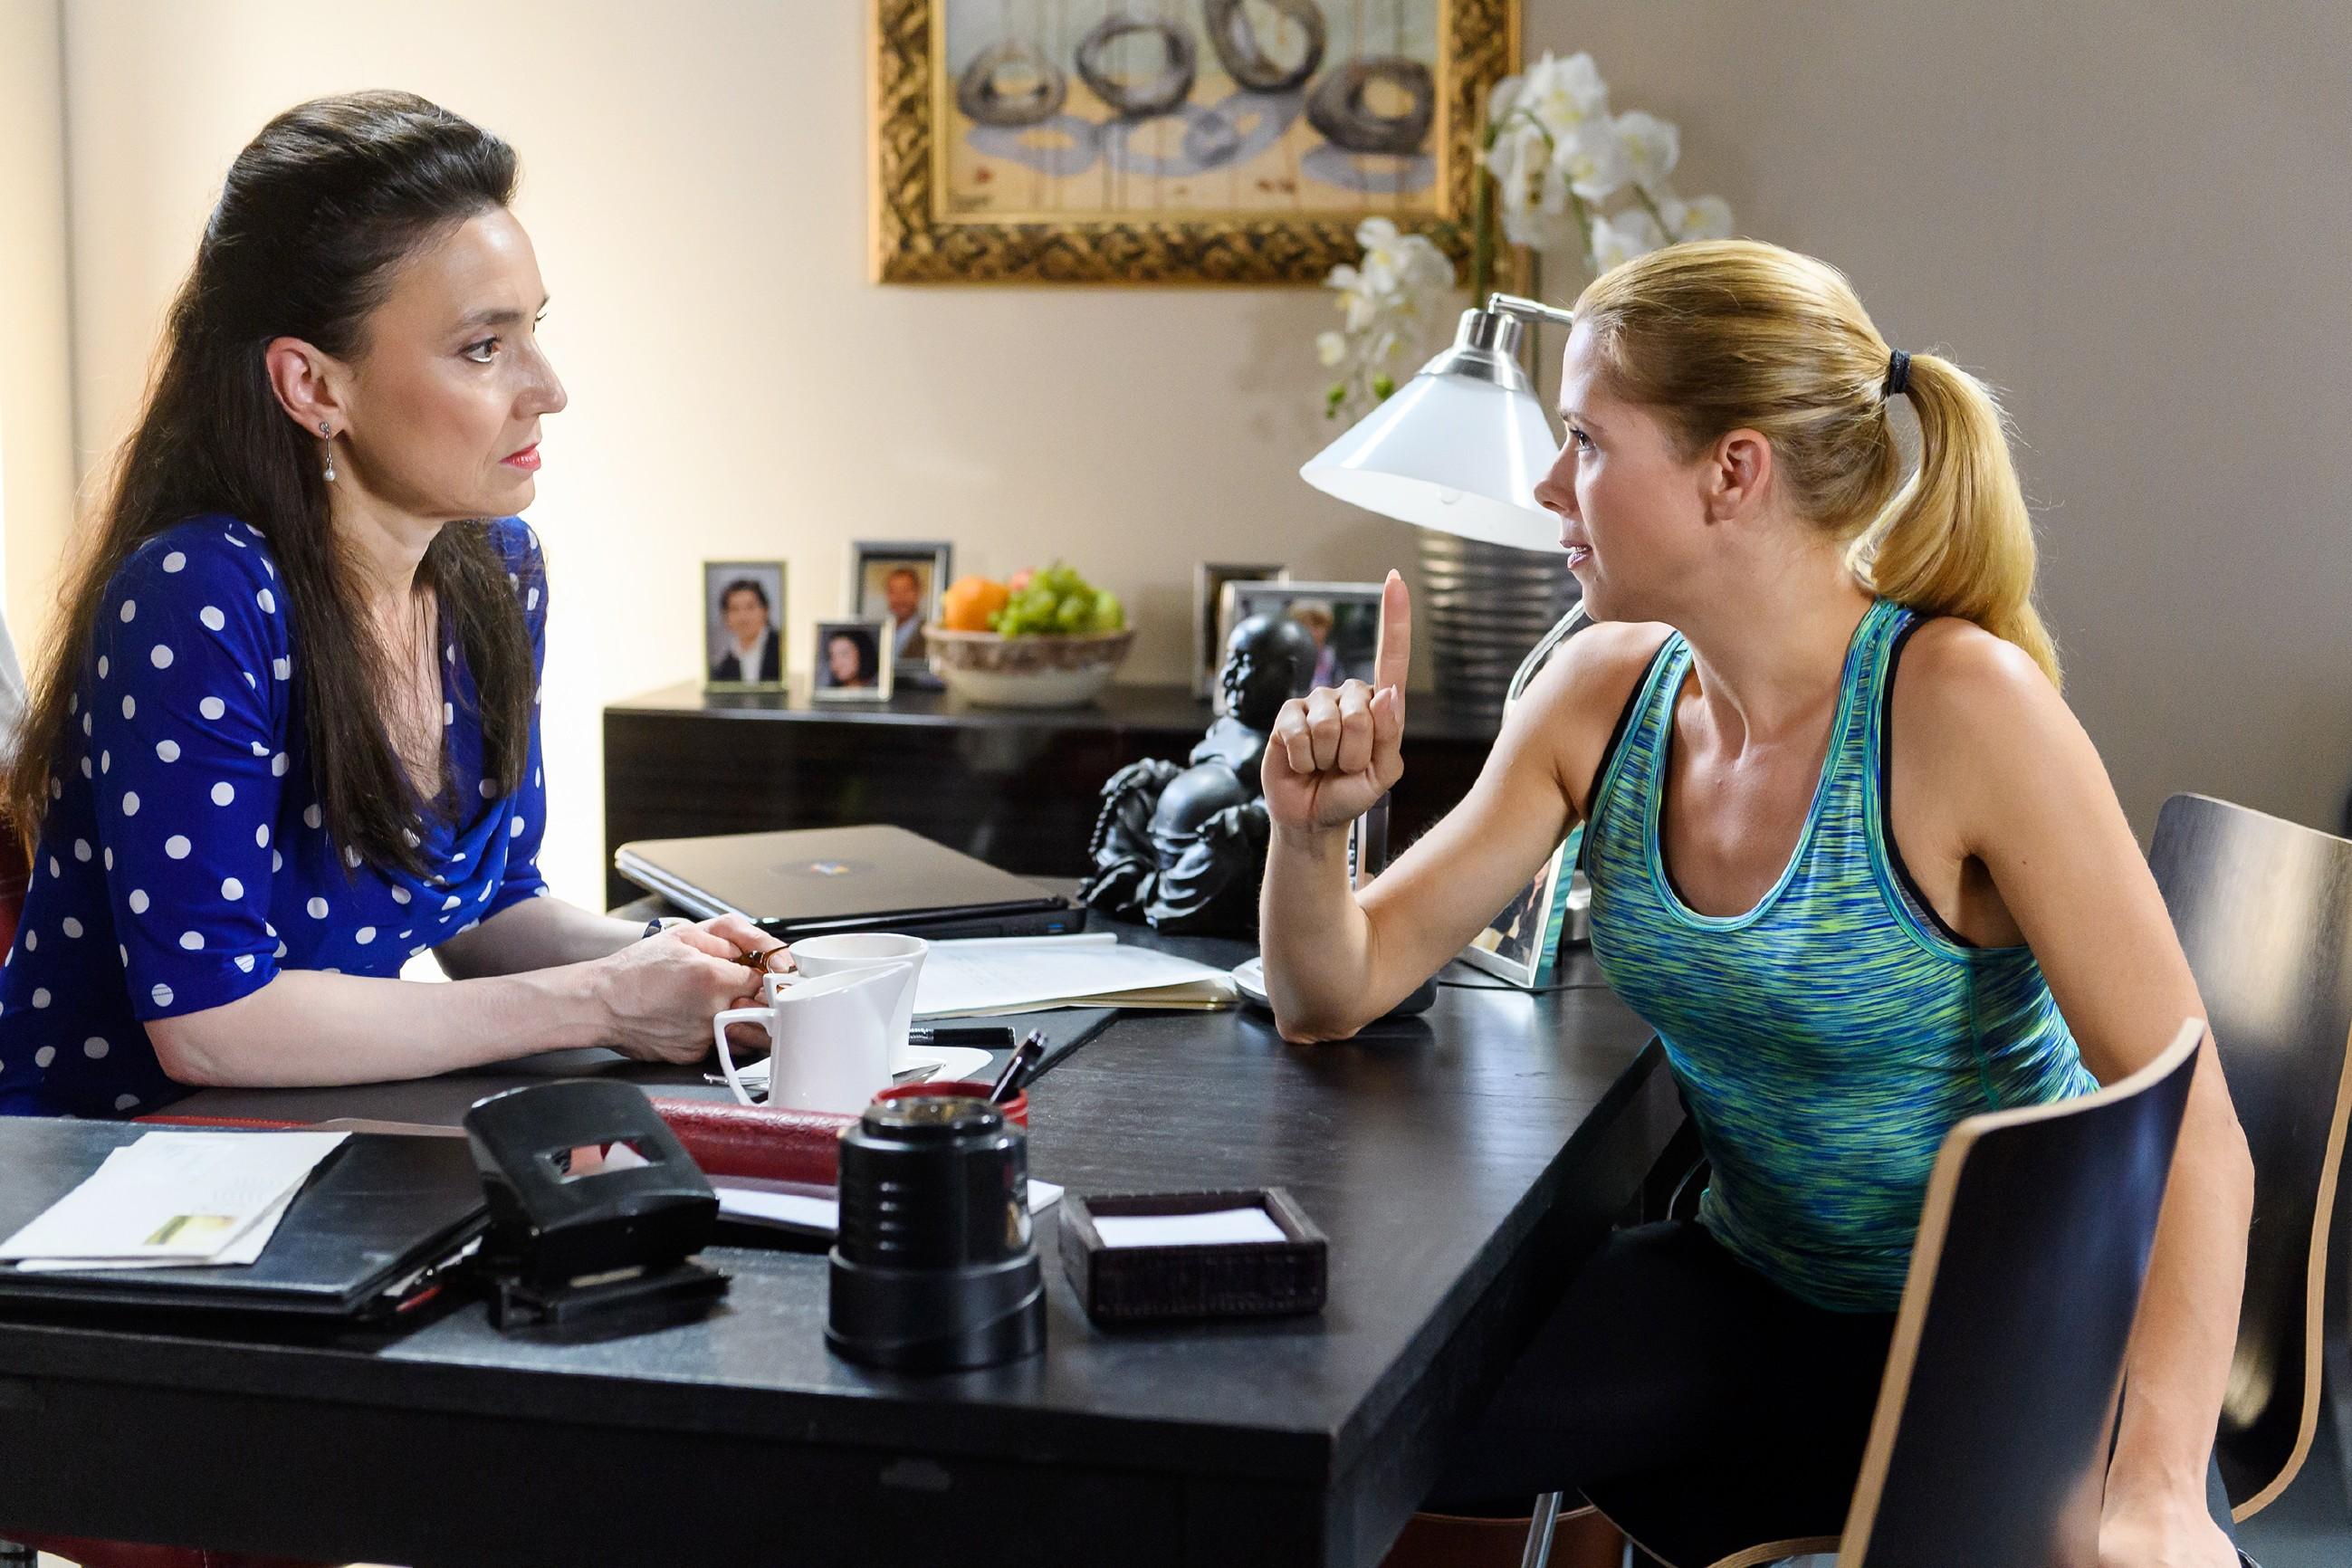 Diana (Tanja Szewczenko, r.) geht Marie zuliebe einen Deal mit Simone (Tatjana Clasing) ein - unter ihren Bedingungen... (Quelle: RTL / Willi Weber)